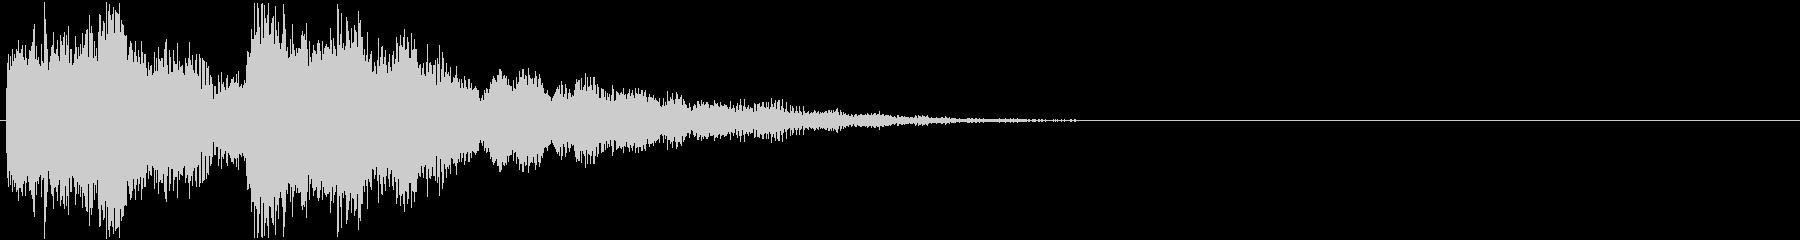 ゲーム:魔法をかける音bの未再生の波形